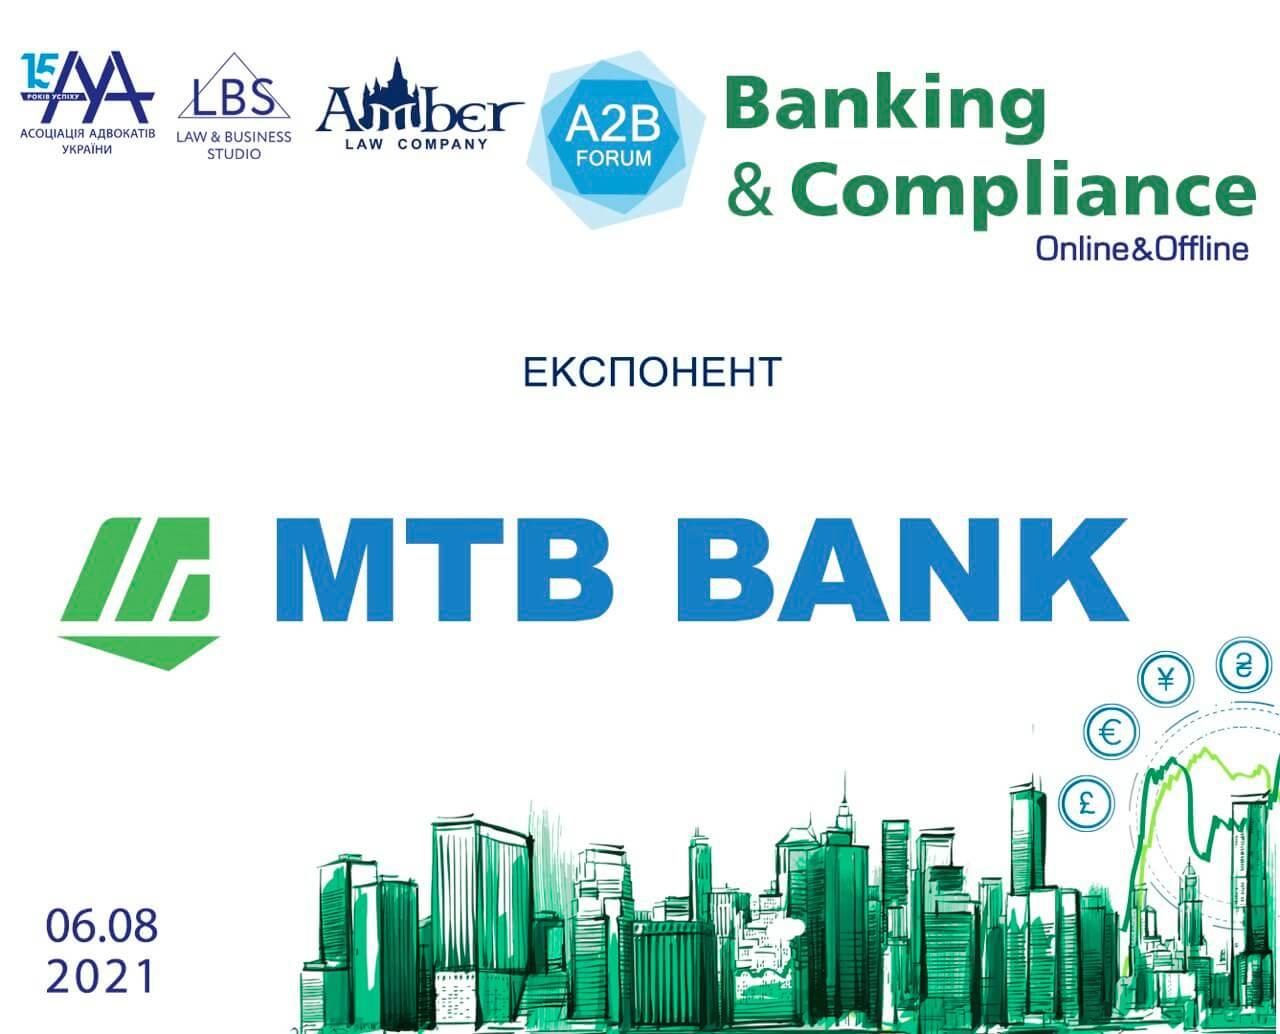 МТБ БАНК прийняв участь в Banking&Compliance 2021 A2B Forum в статусі еспонента форуму. - фото - mtb.ua